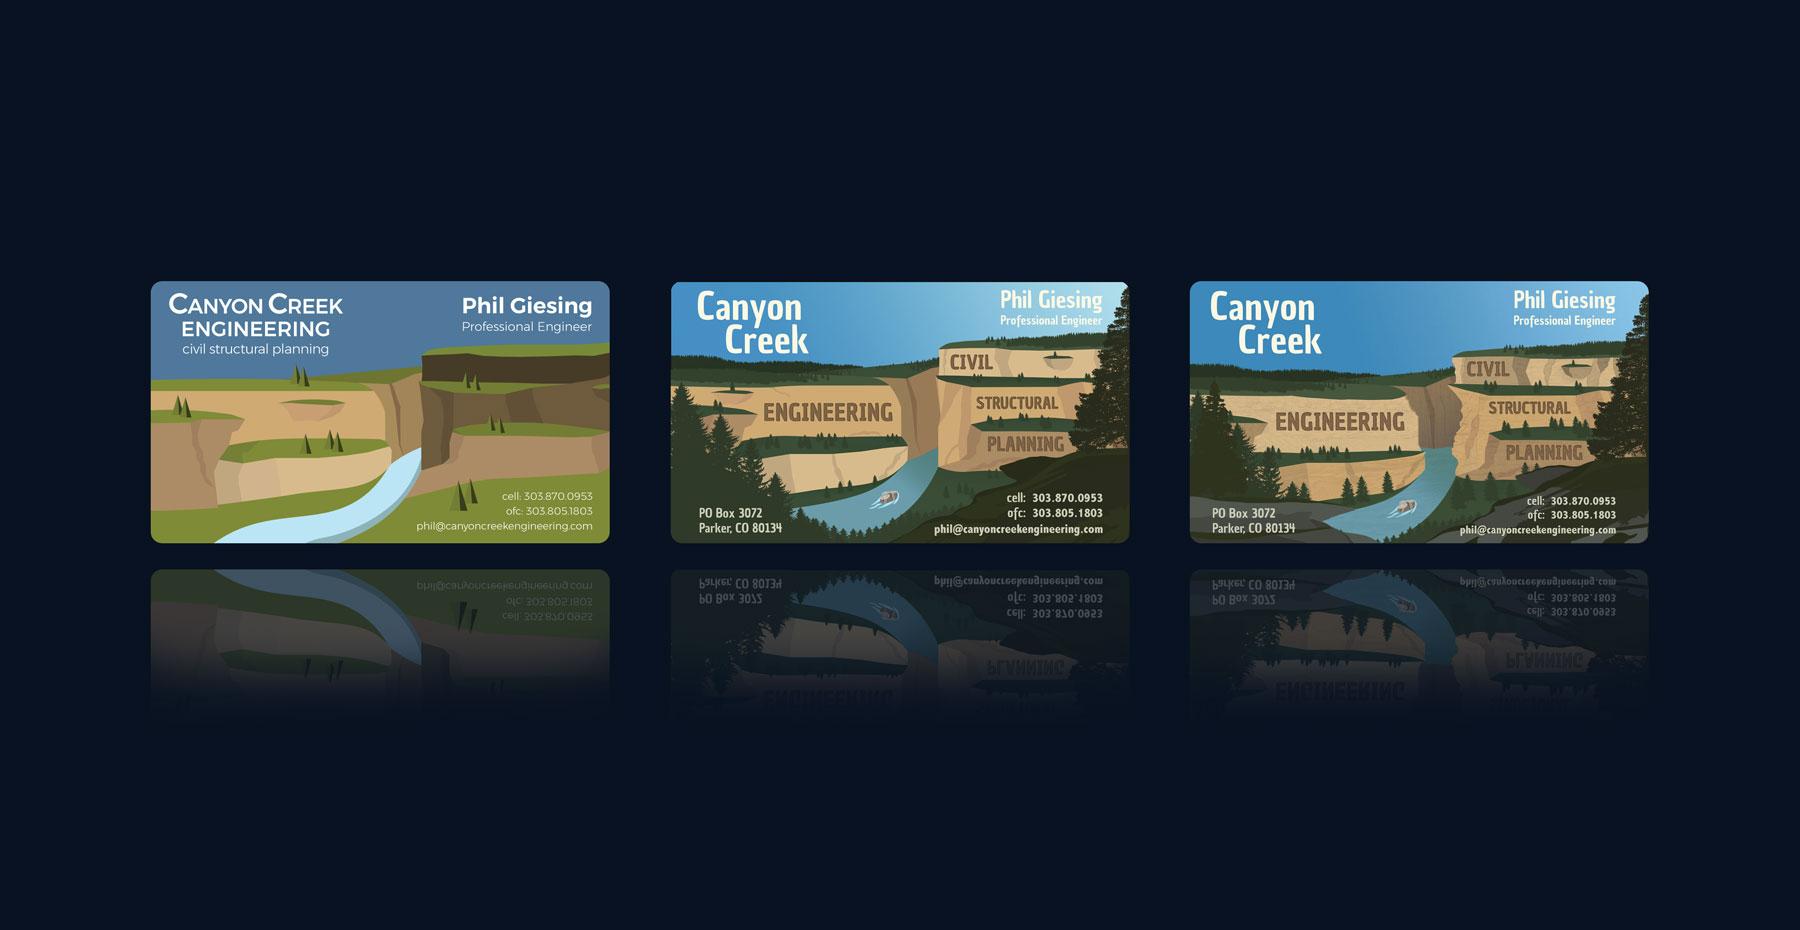 Canyon Creek Engineering - Brandon Miller